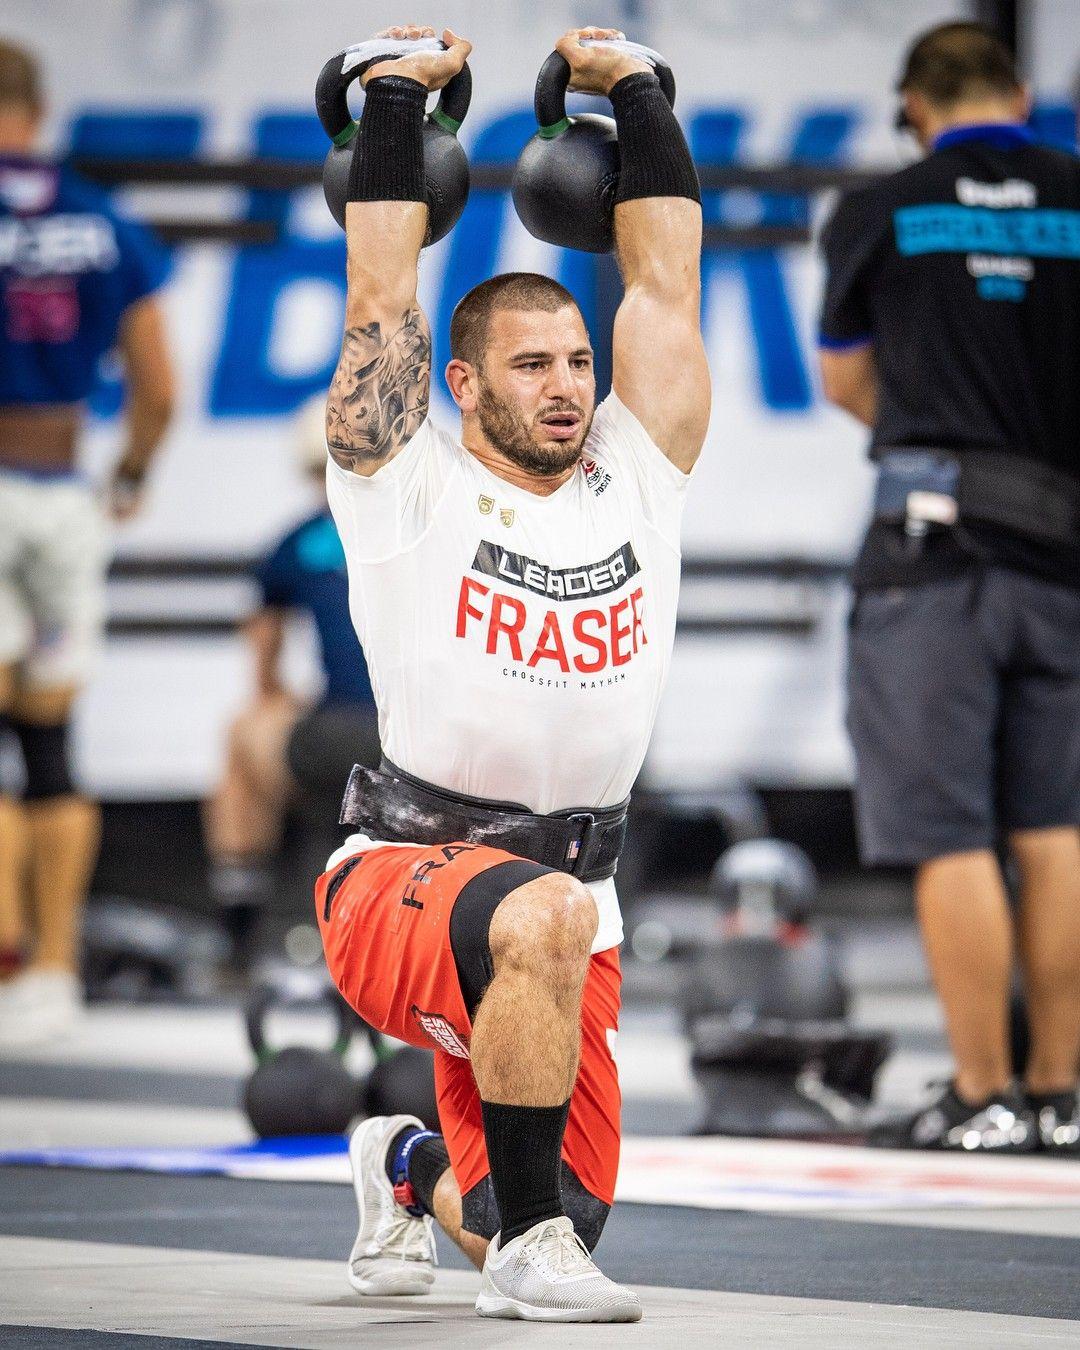 Mat Fraser Crossfit Men Fraser Crossfit Mma Workout